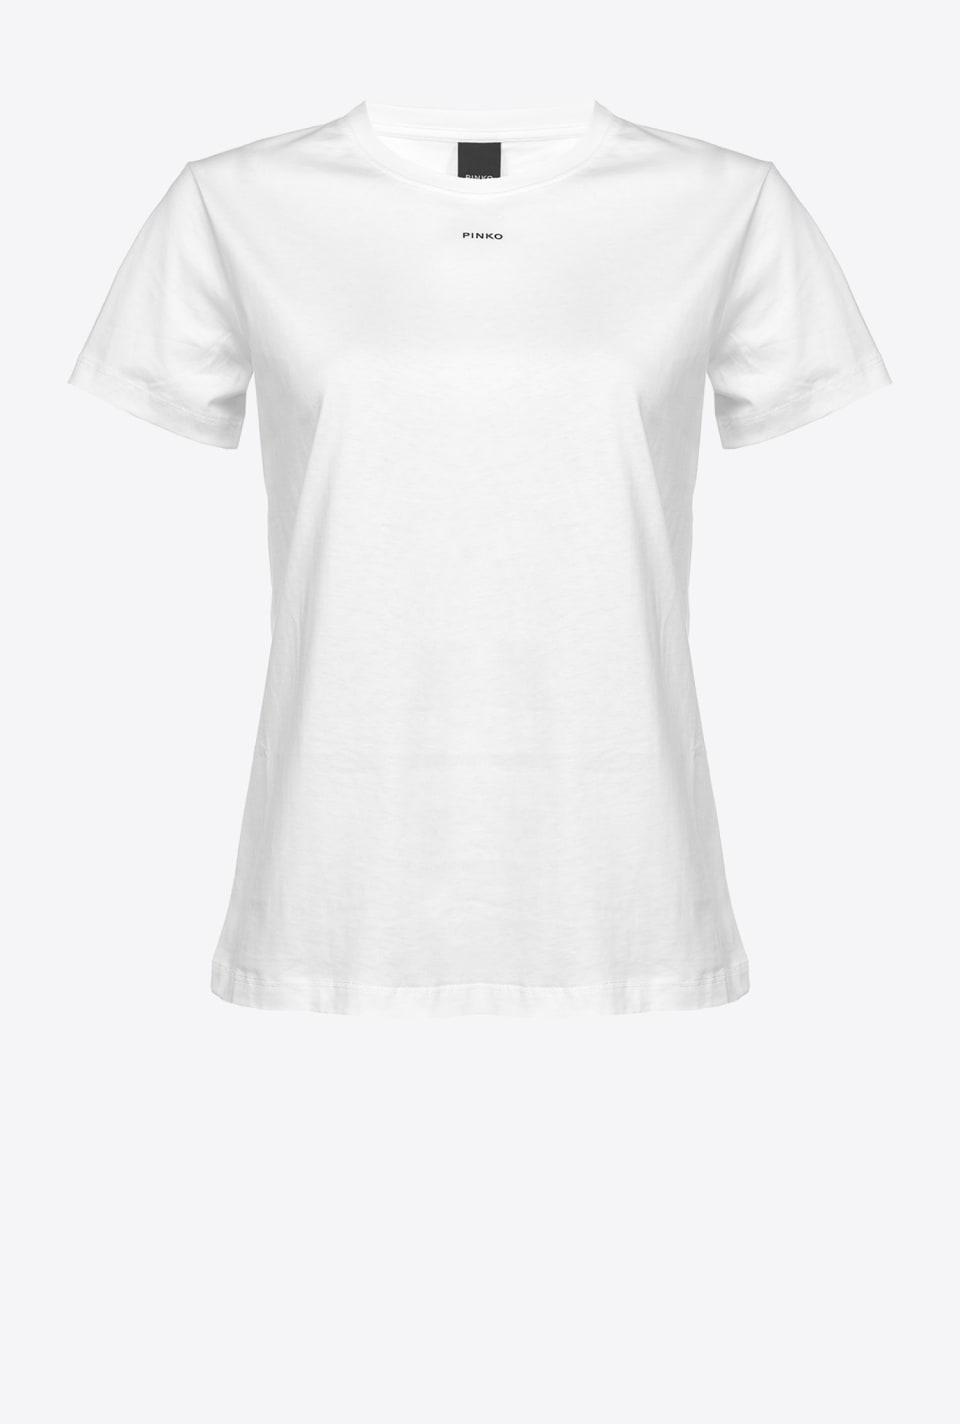 T-shirt con micro logo PINKO - Pinko